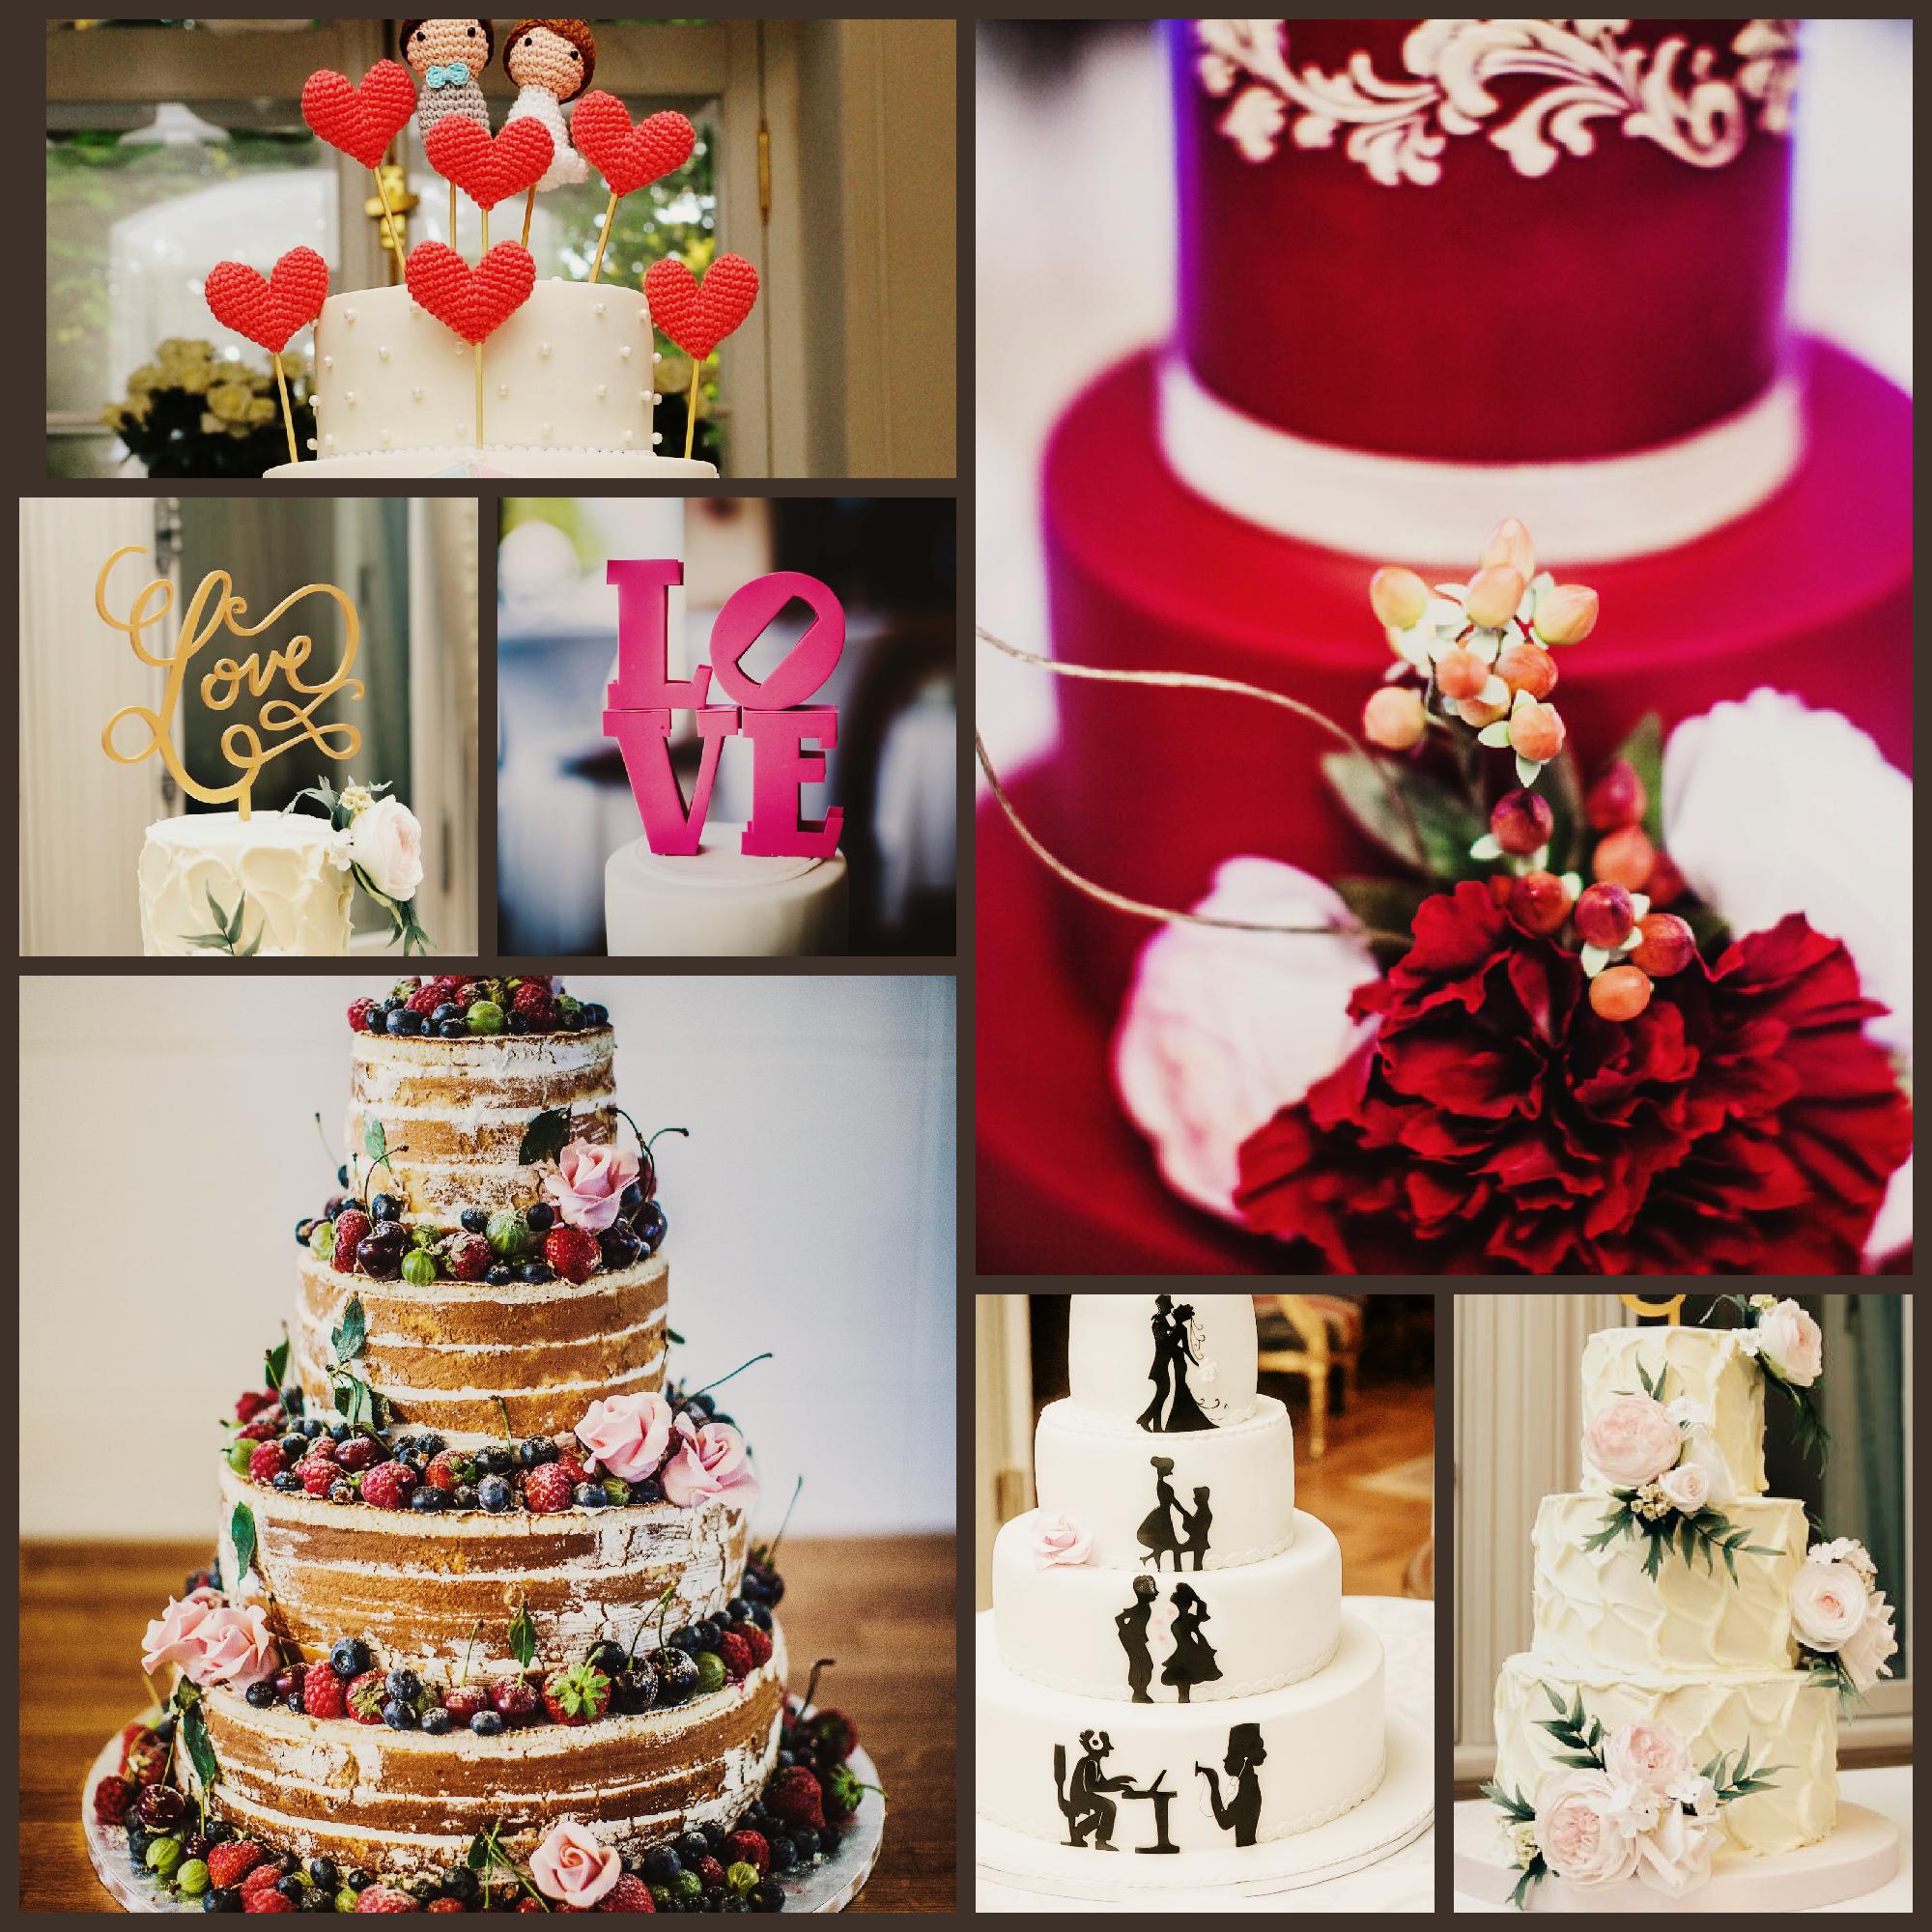 Все свадебные торты на фото выполнены кондитерам по заказу Perfect Day